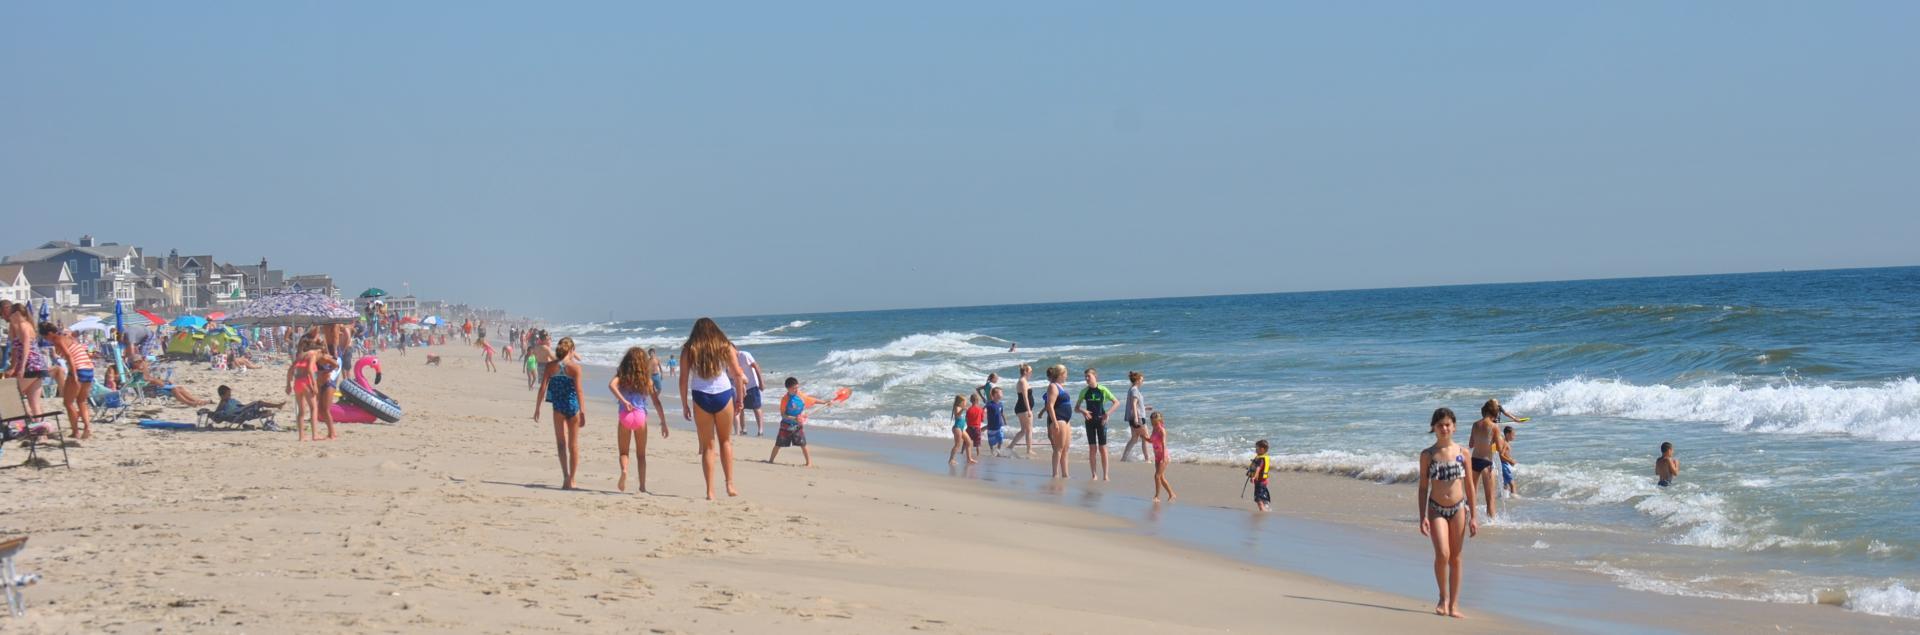 Ocean Beach S Als Summer Vacation Jersey